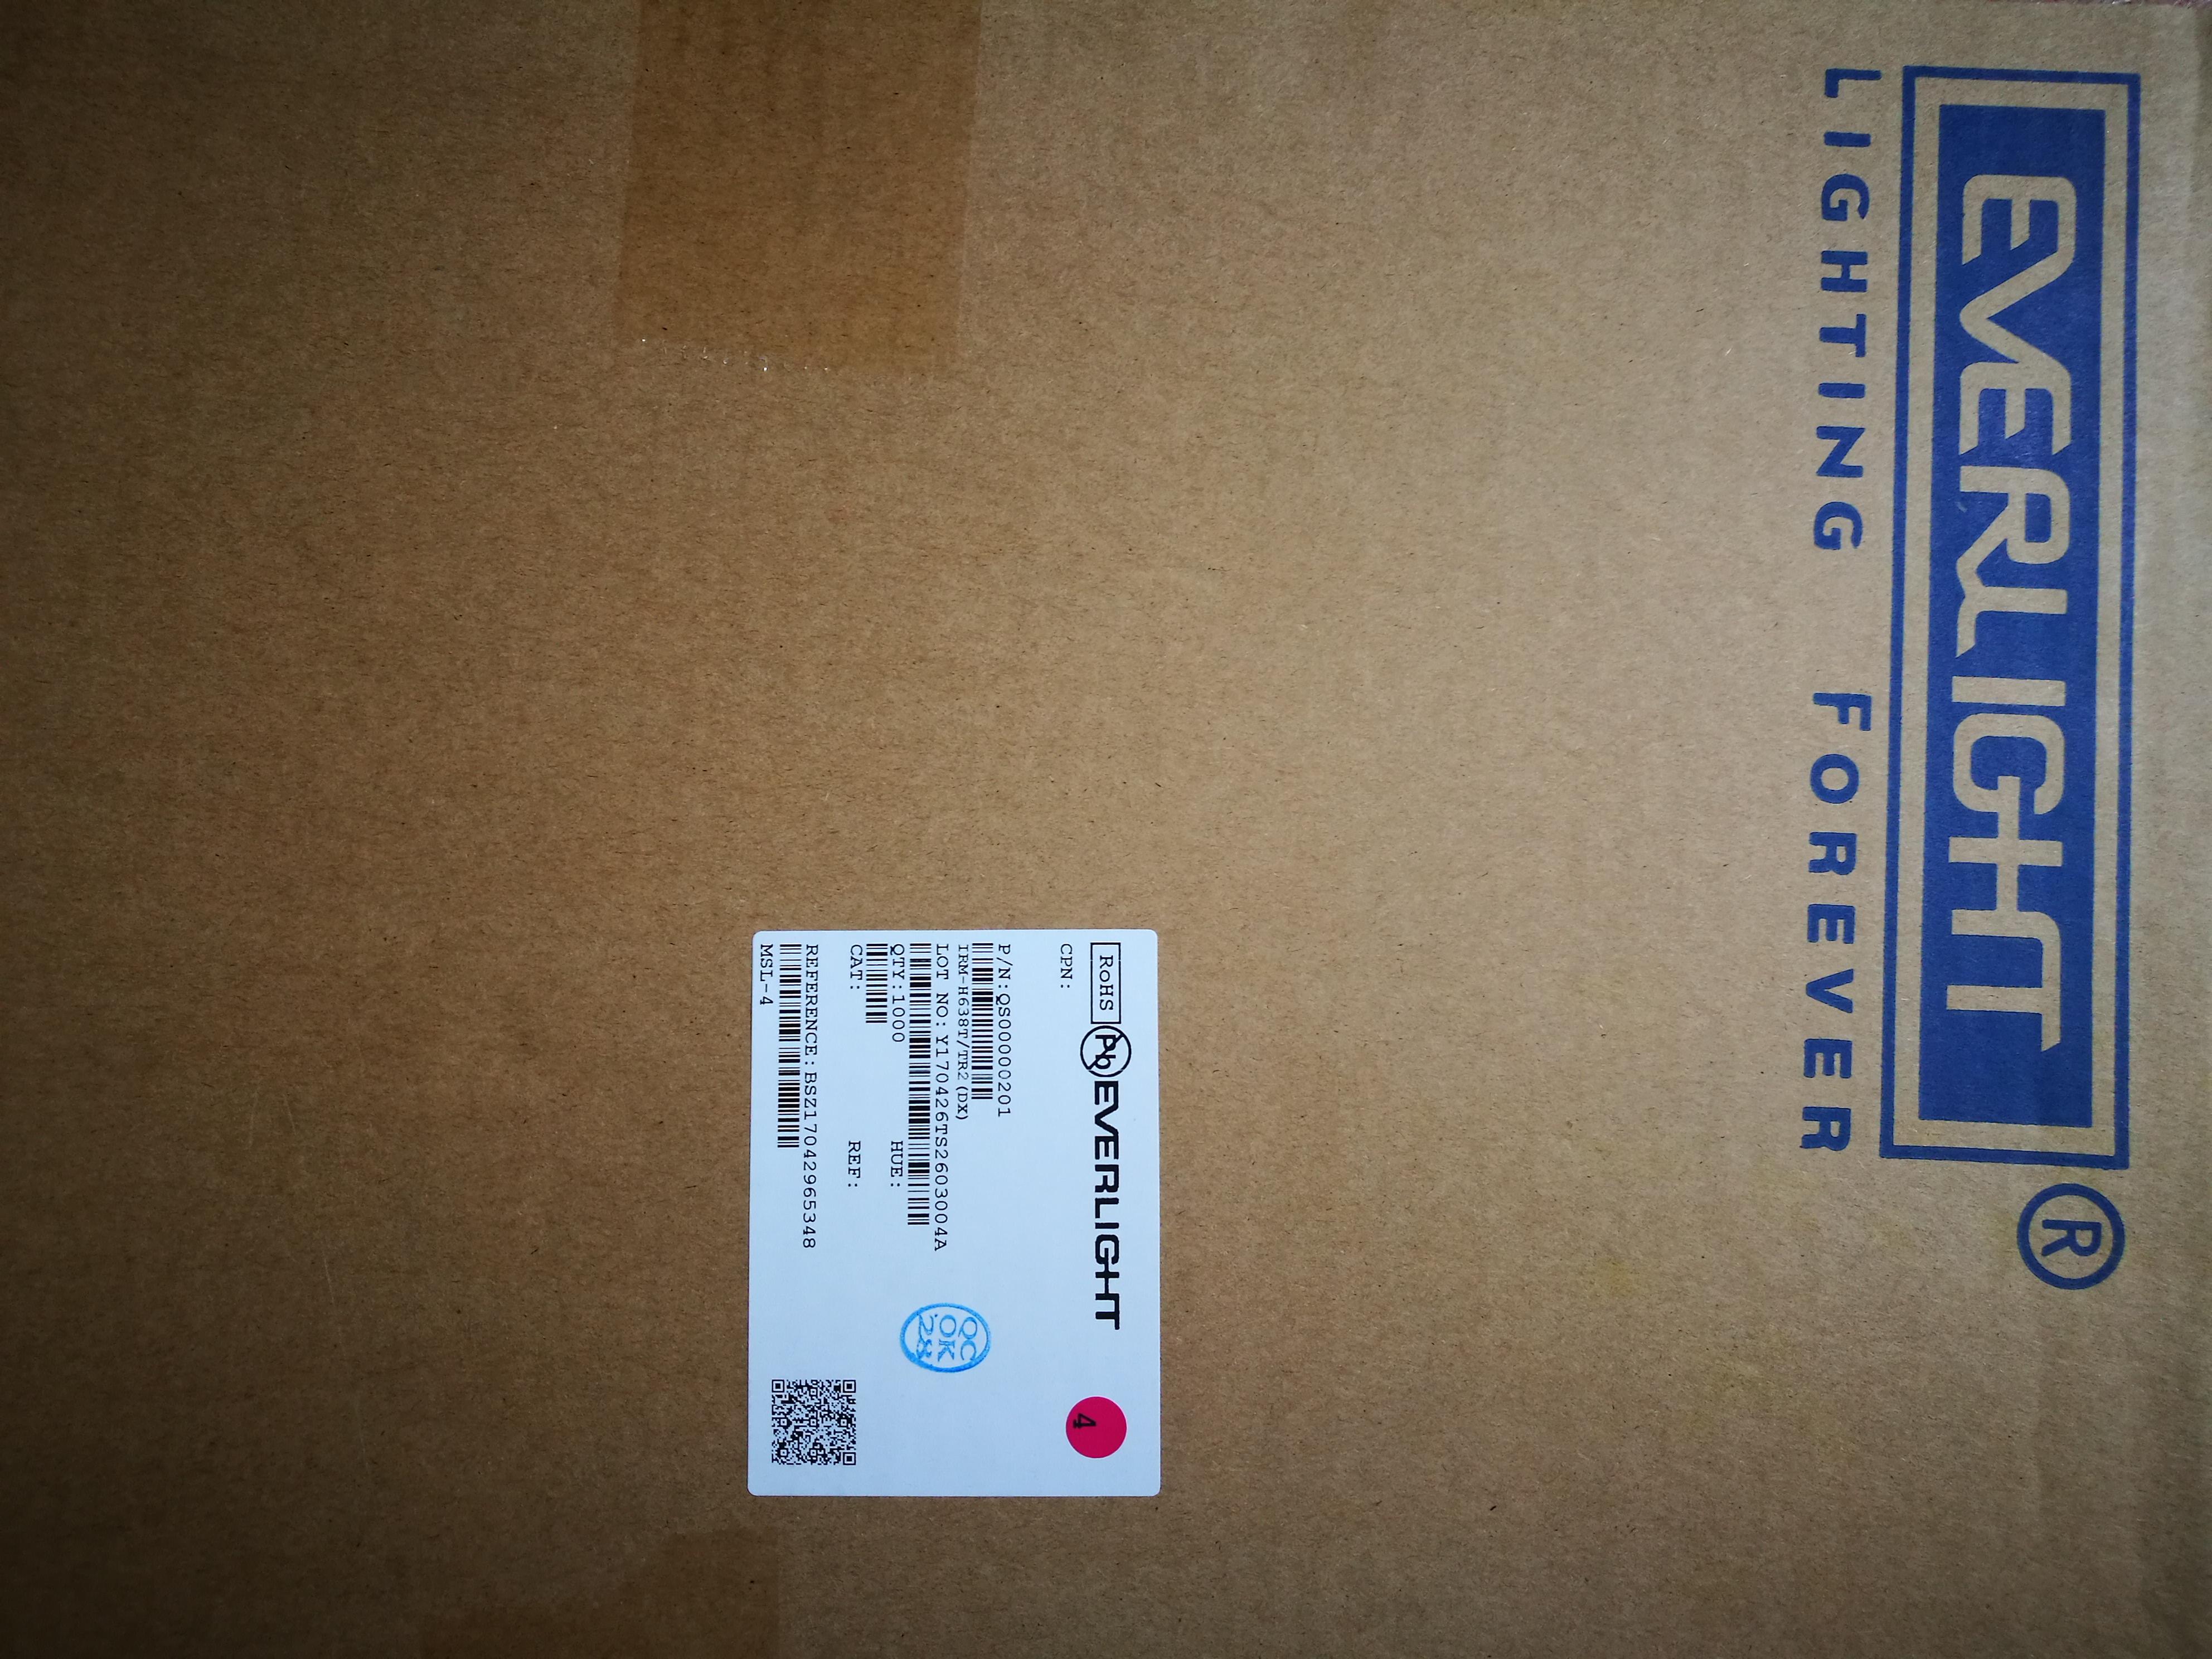 特价亿光接收头IRM-H638T/TR2 原装现货红外接收器IRM-H638T/TR2